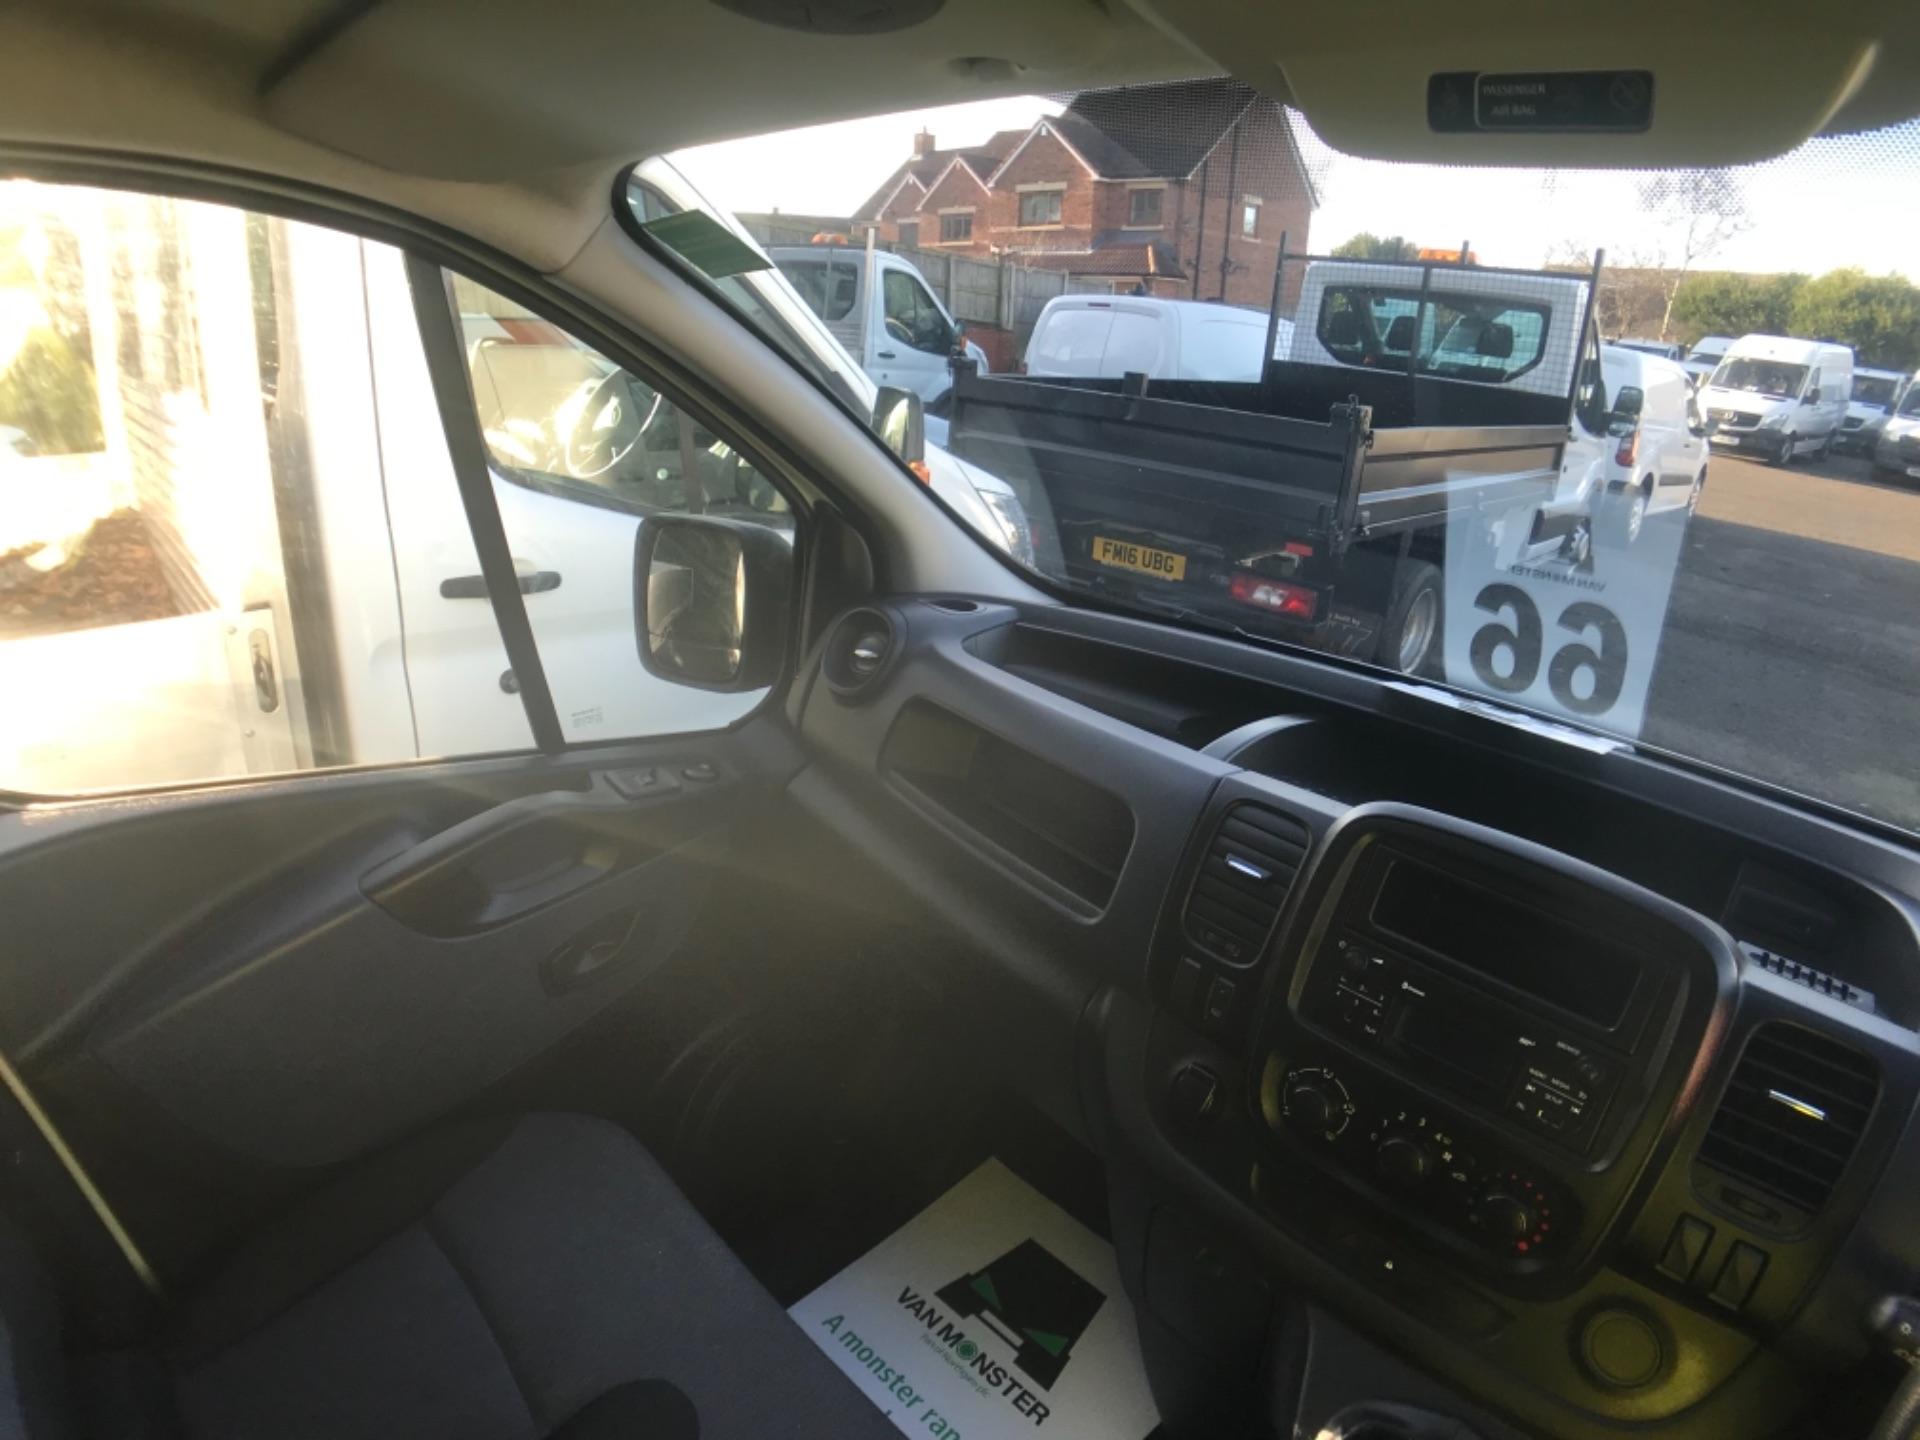 2017 Vauxhall Vivaro L2 H1 2900 1.6CDTI 120PS EURO 6 (DV67WHE) Image 18